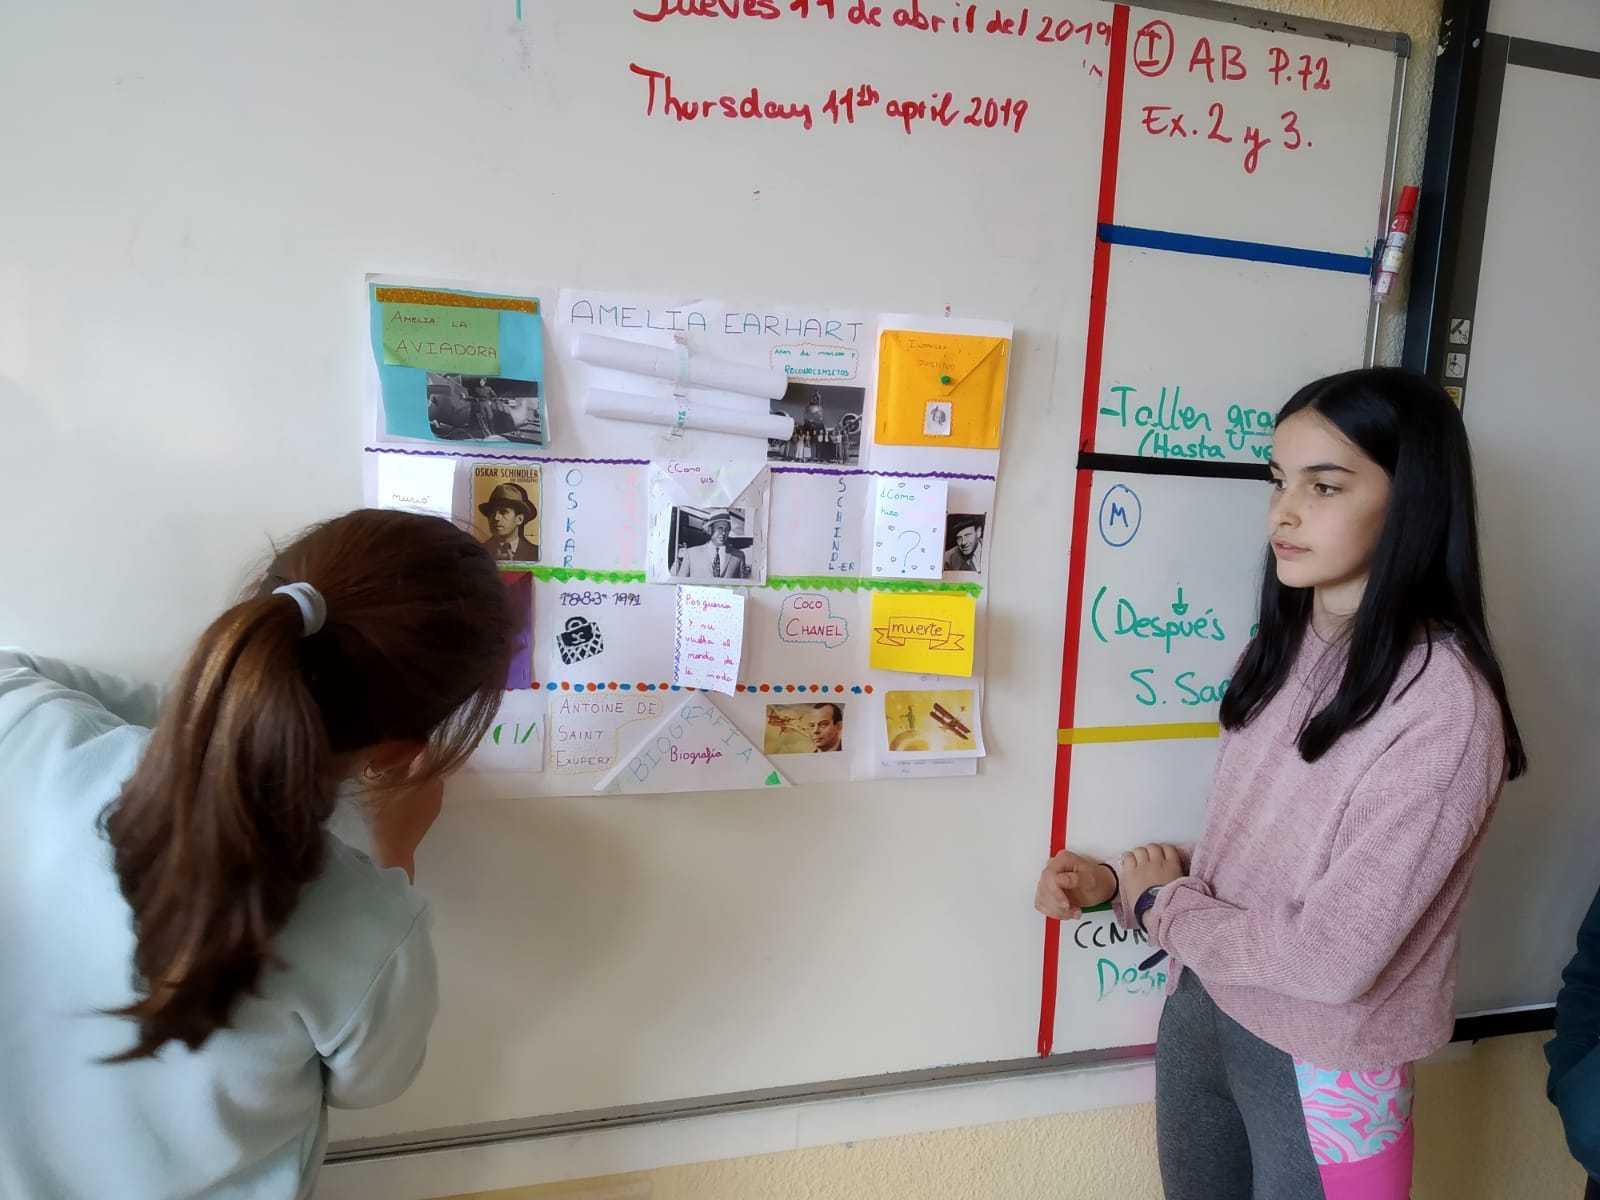 2019_04_29_Quinto trabaja en valores grandes figuras de la humanidad_CEIP FDLR_Las Rozas 10